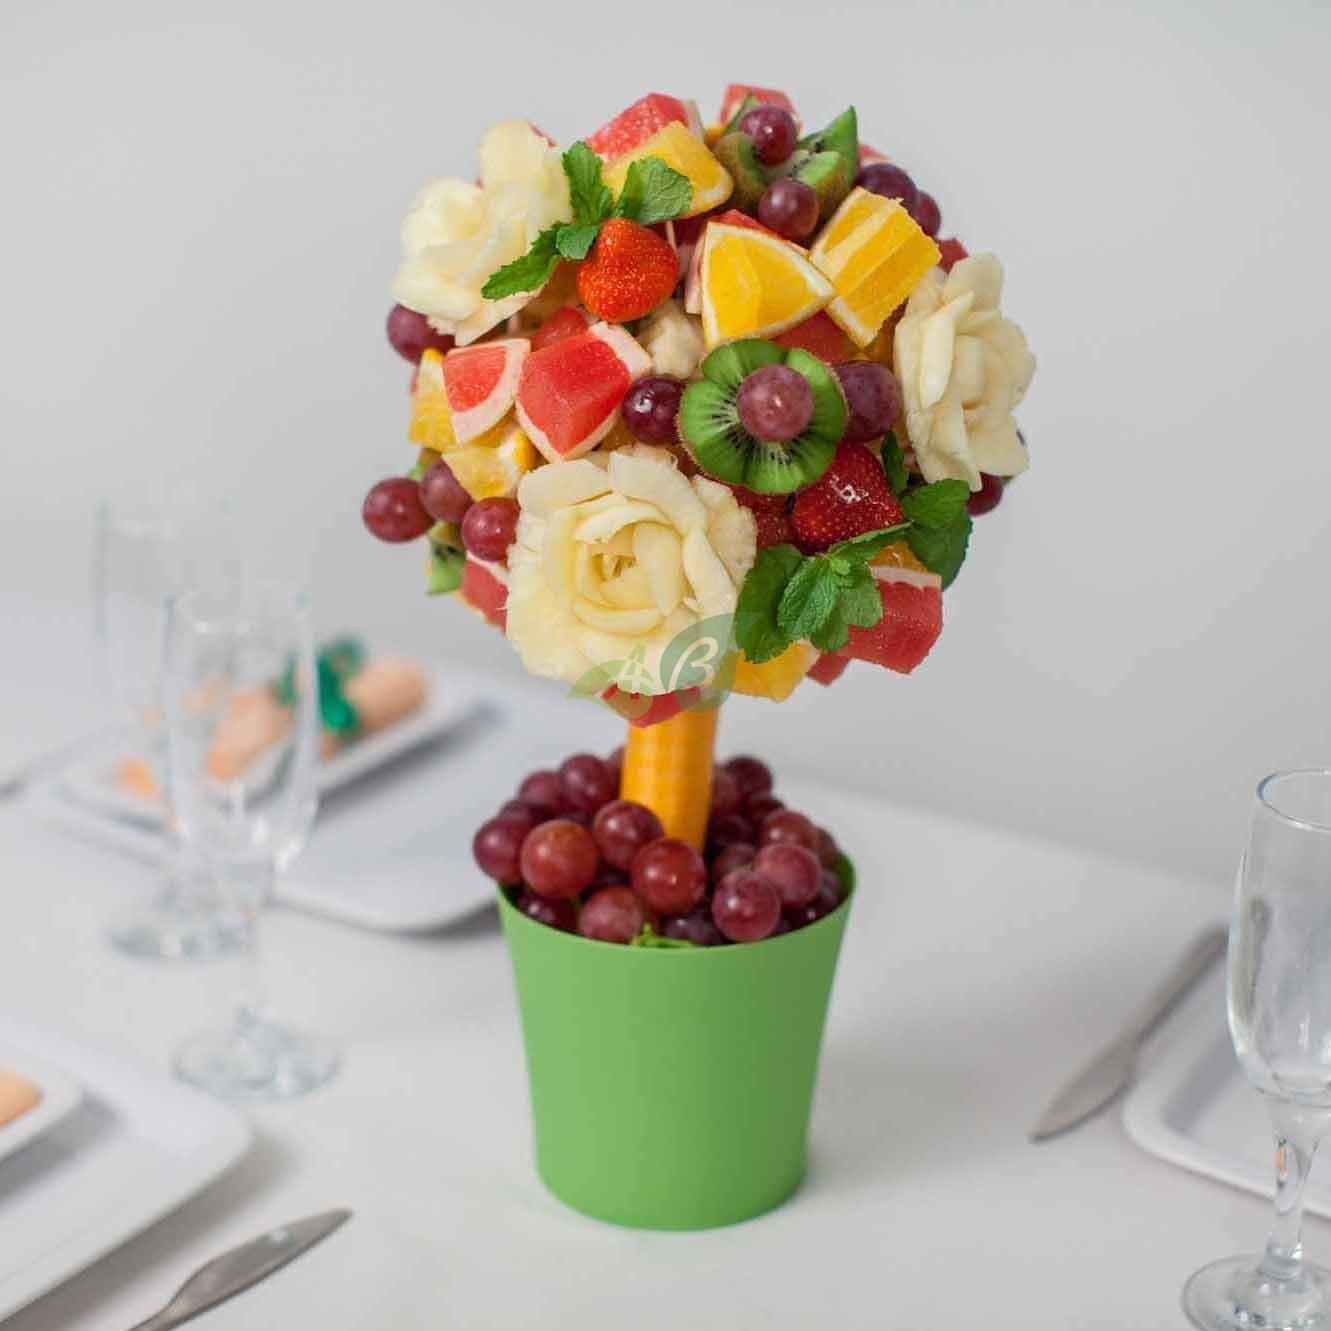 Картинки фруктов ягод овощей и фруктов